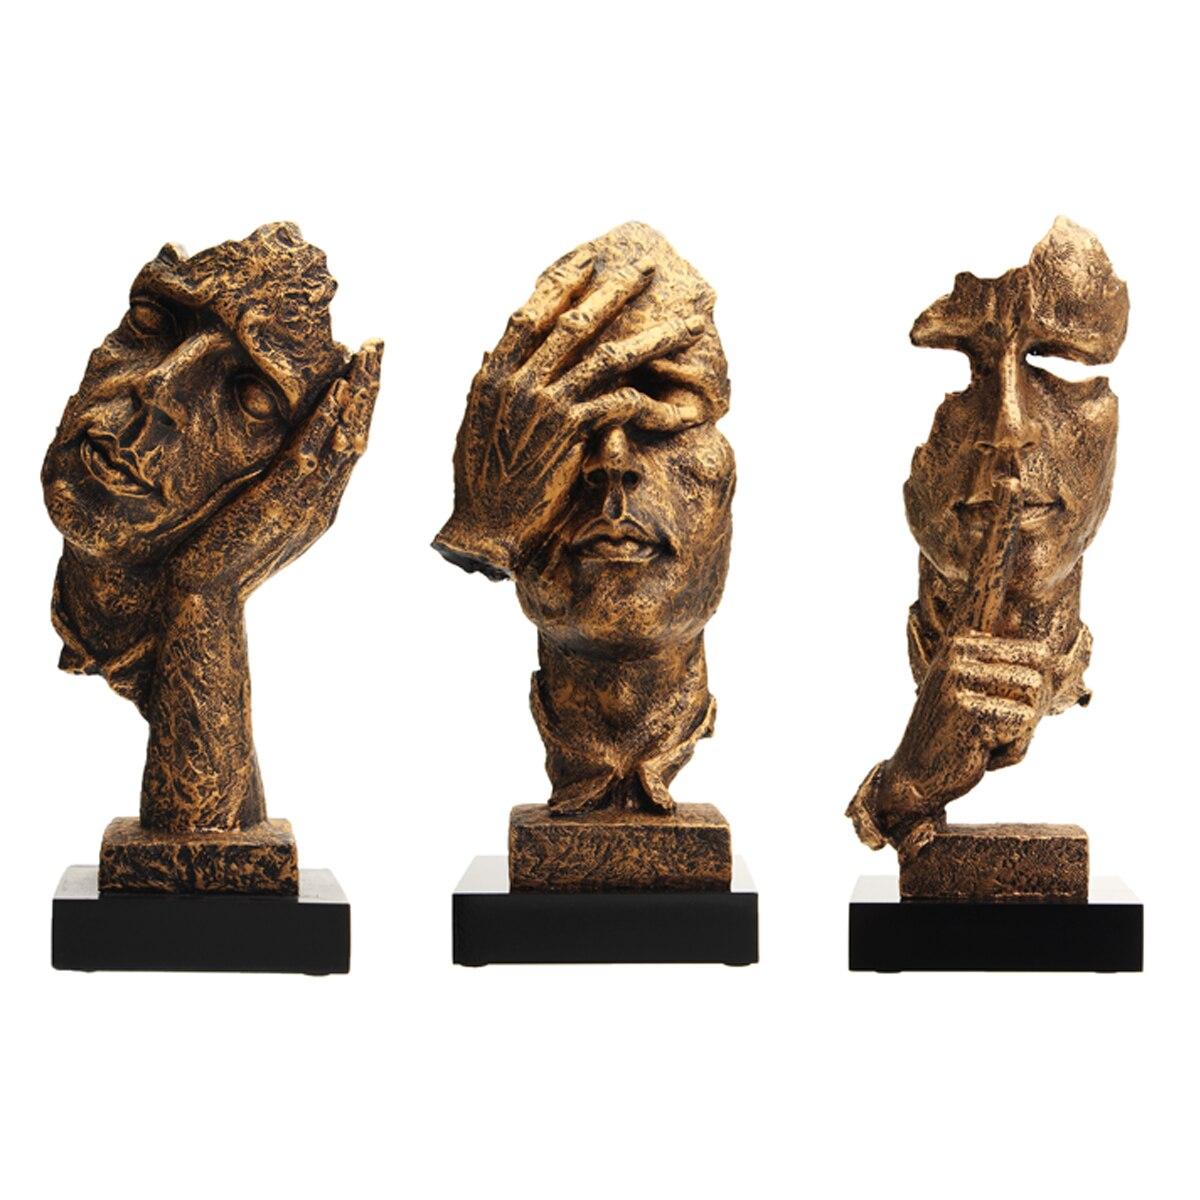 3 stili Creativi-Living Room Art Decor Statua Silenzio Pensatore Scultura Mestieri Della Resina Ornamenti D'epoca Desktop Decor Opera D'arte